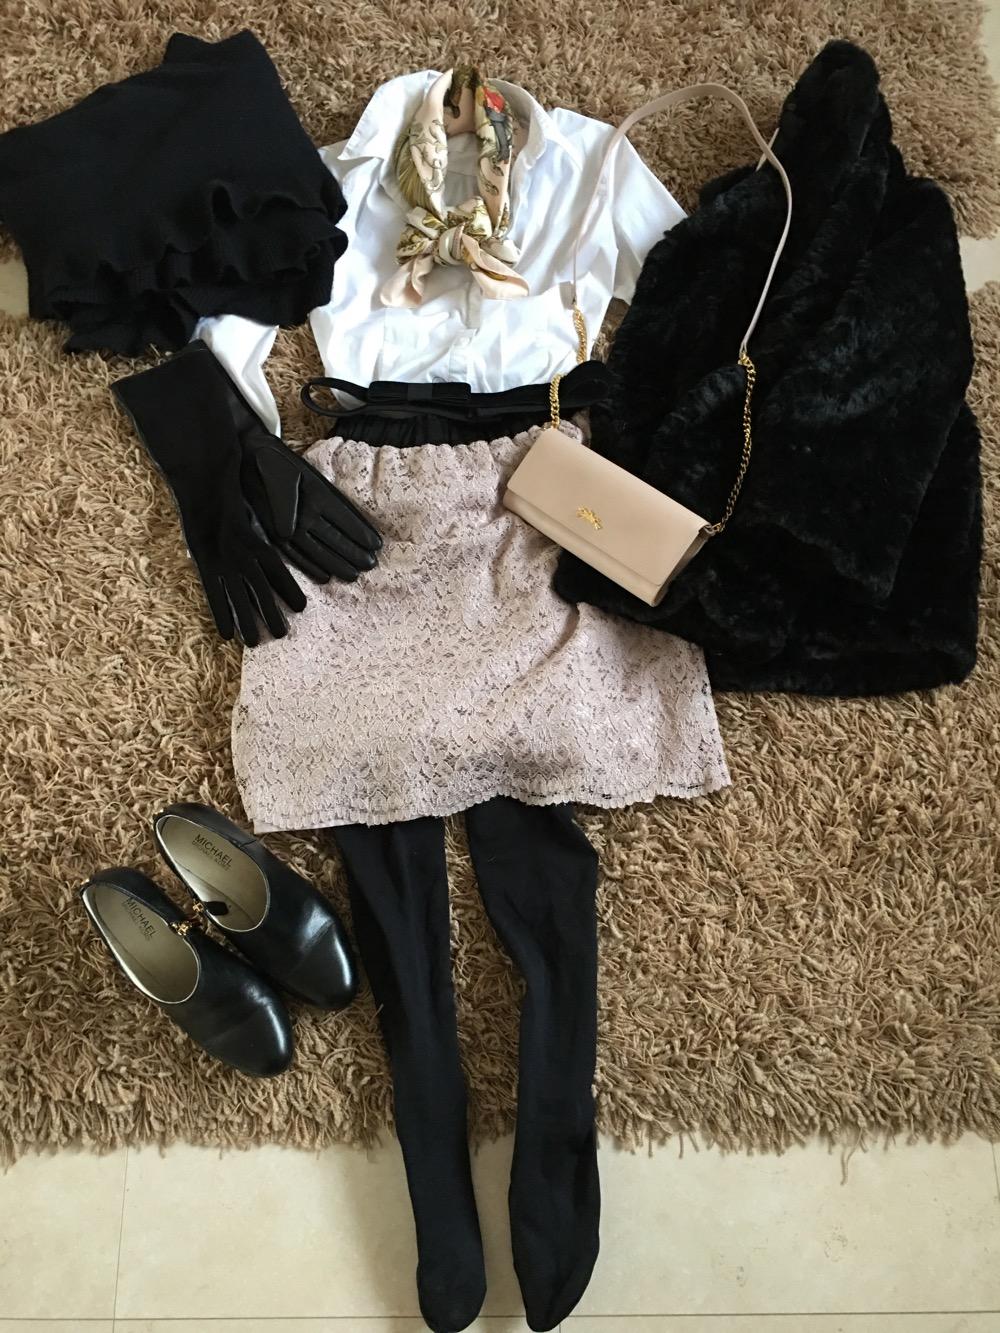 Sunnuntain oopperakonsertin outfit